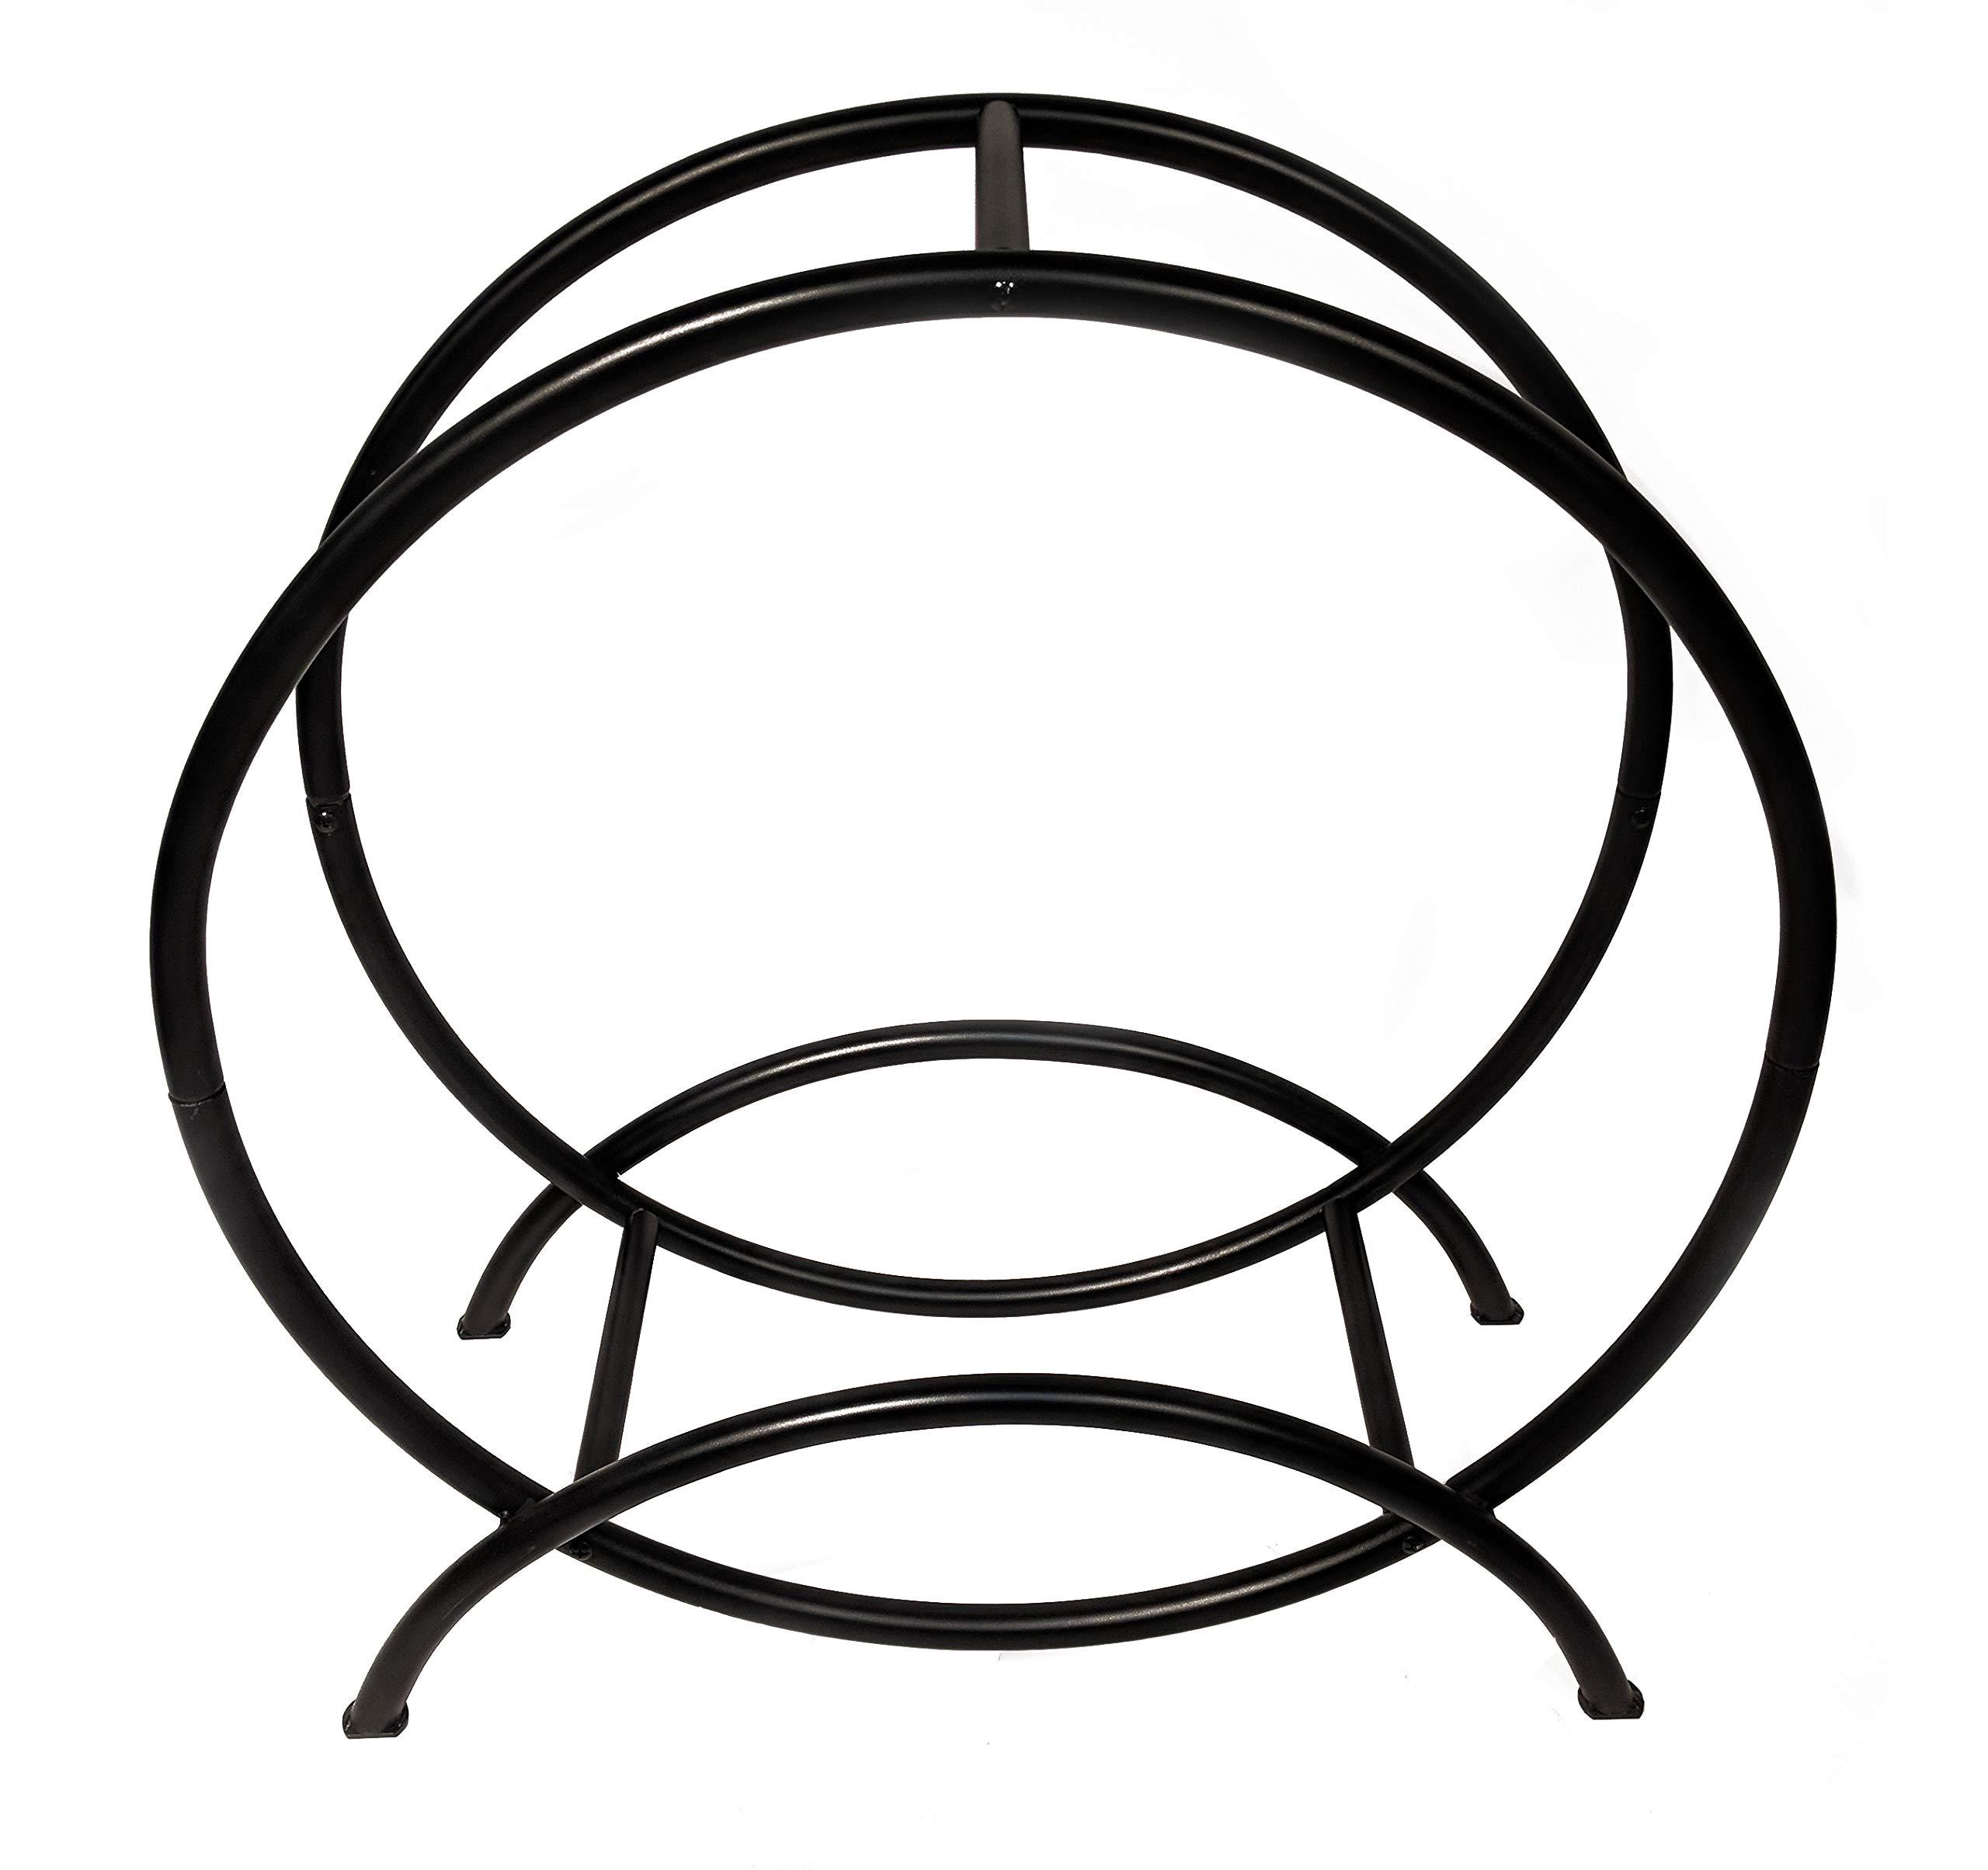 Catalina Creations 30'' Steel Log Hoop Rack | Firewood Rack | Log Holder | Black - AD720 by Catalina Creations